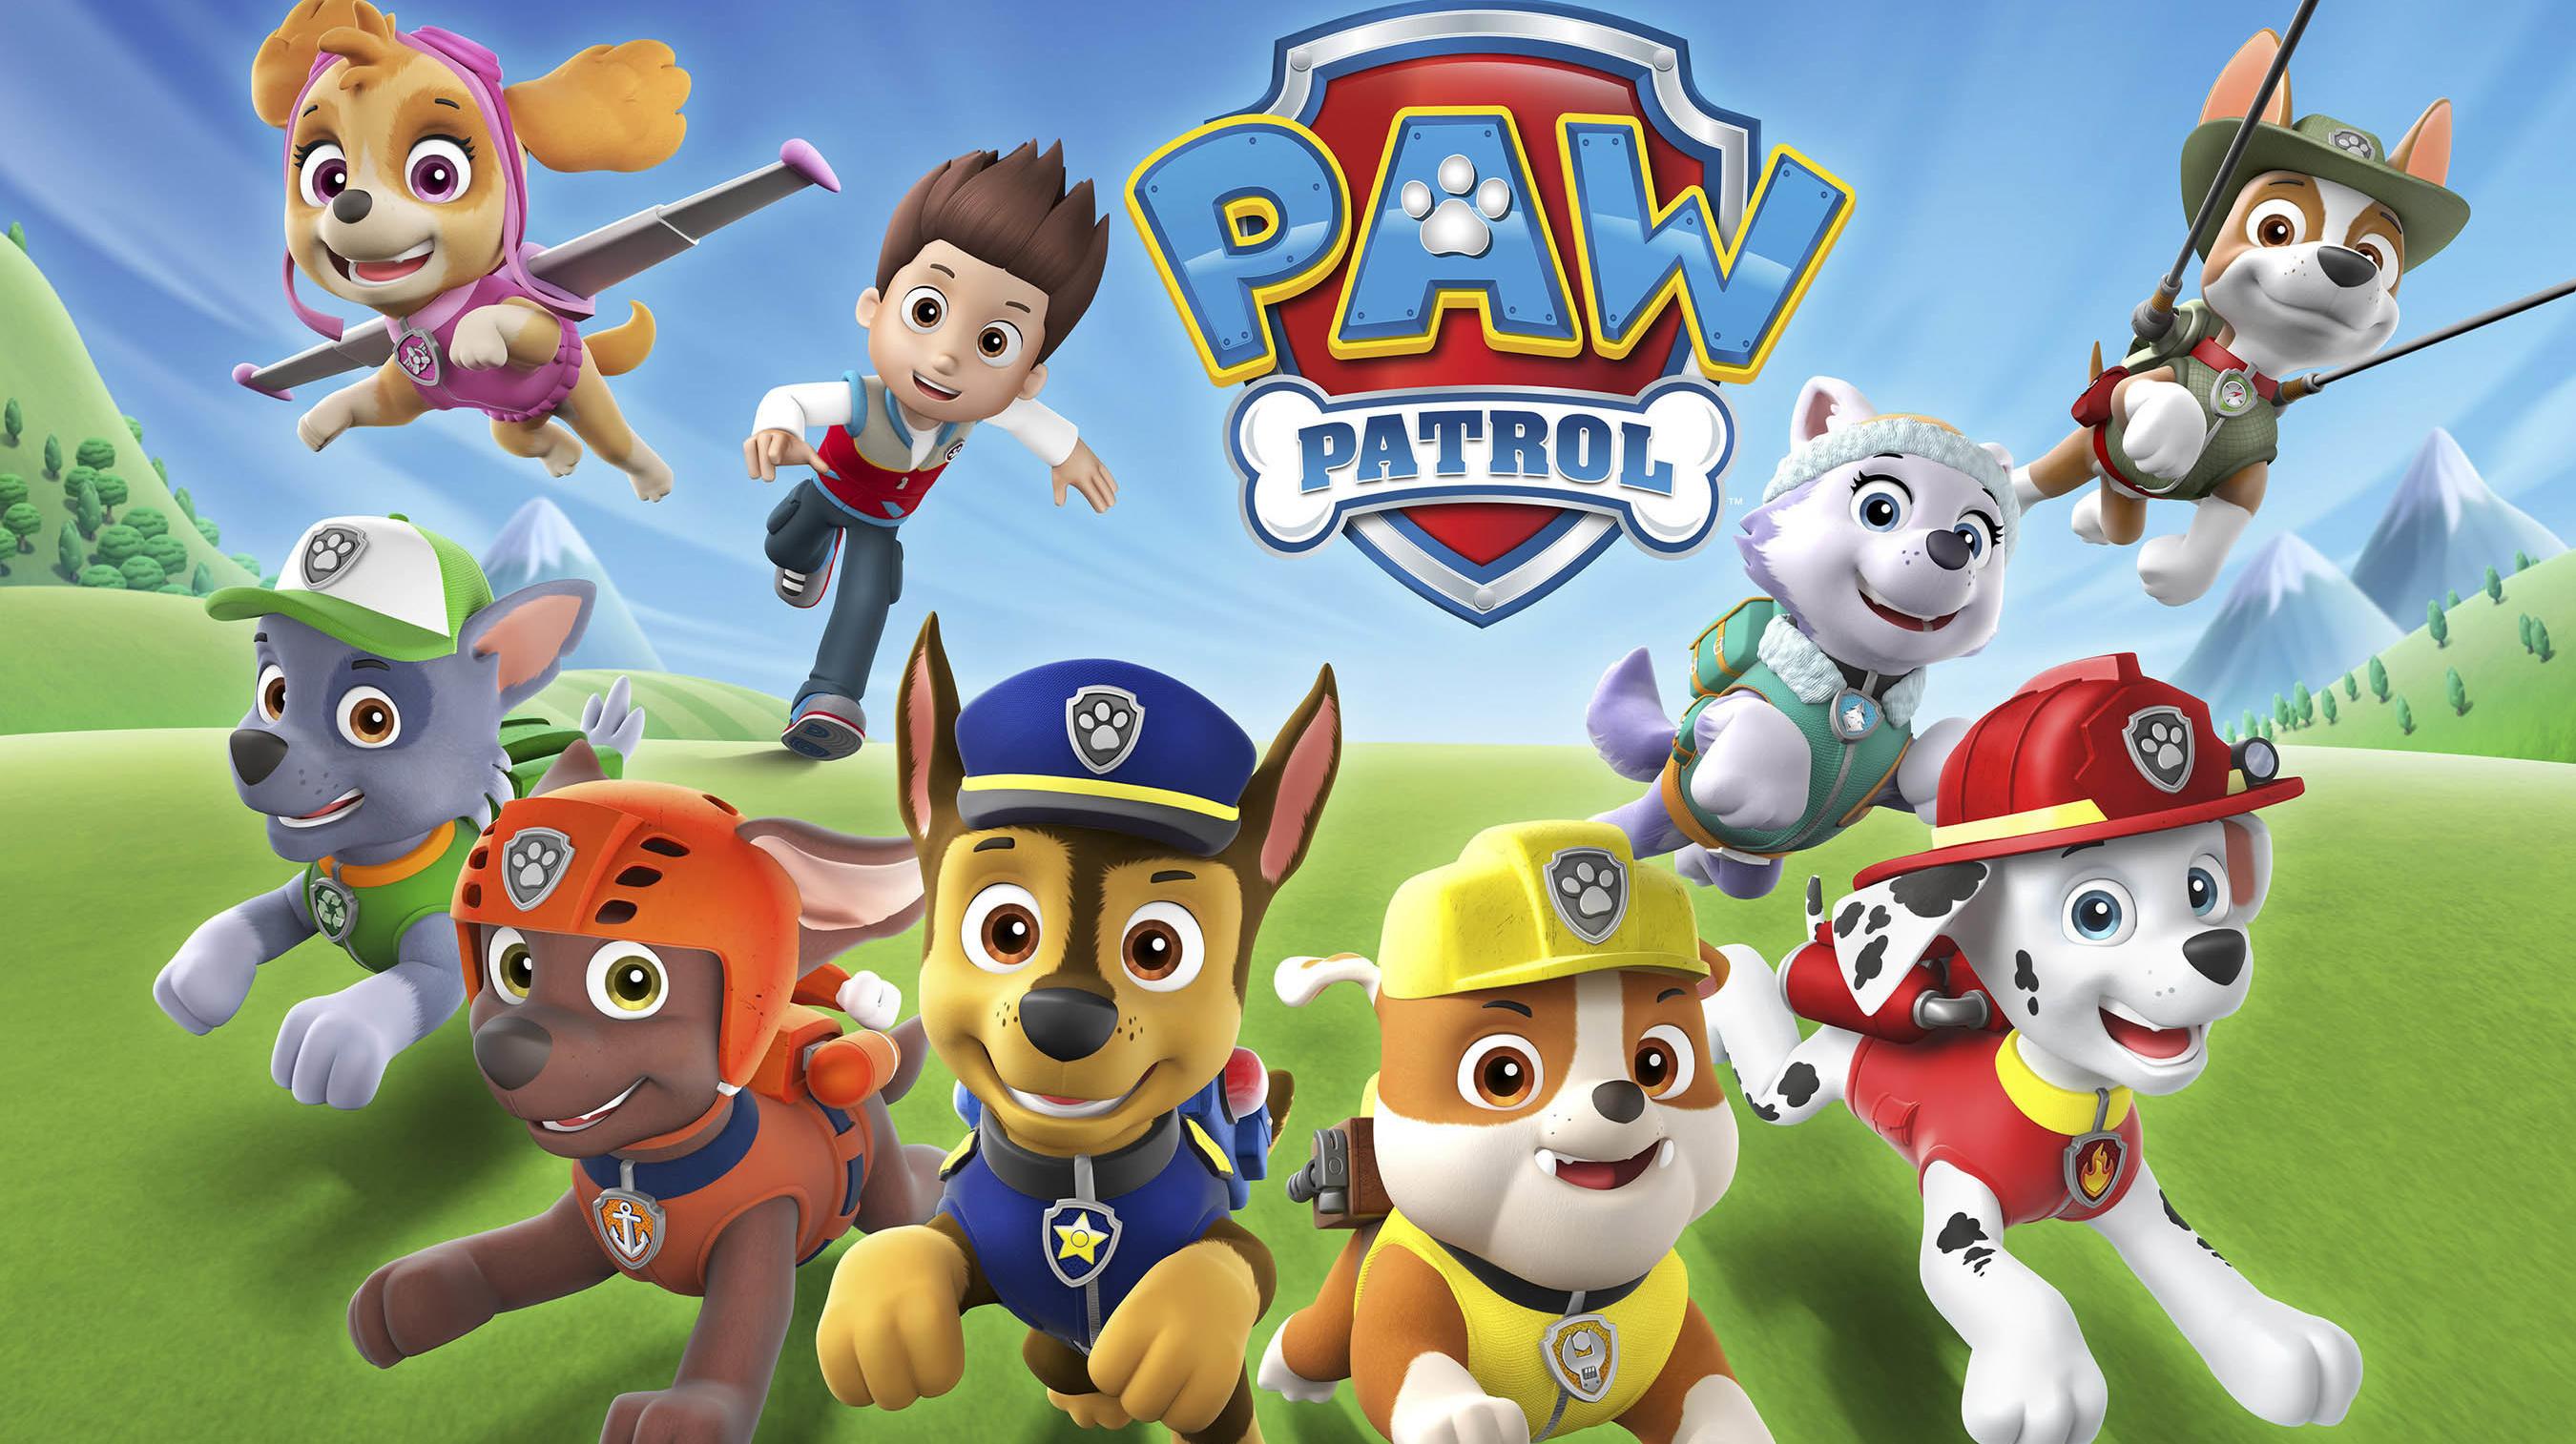 La serie Paw Patrol pasa a película con aventuras nuevas para los niños